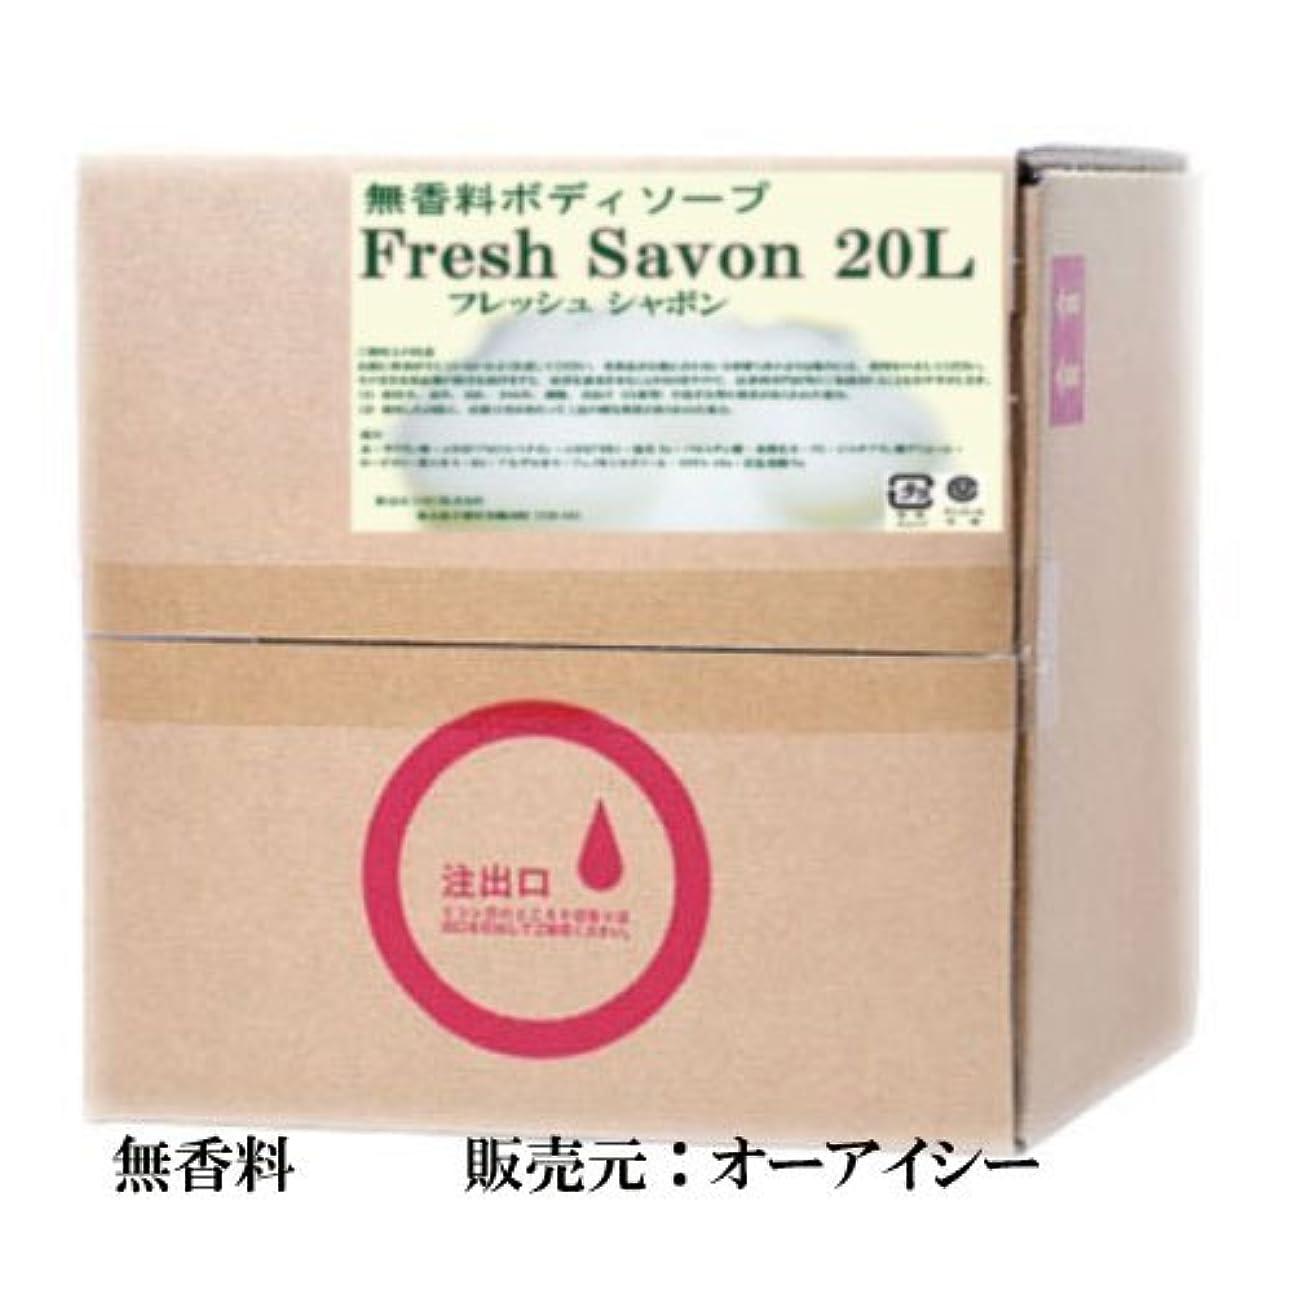 上げるシェアコードレス業務用 無香料 ボディソープ フレッシュシャボン 20L (販売元:オーアイシー) (ホワイト)